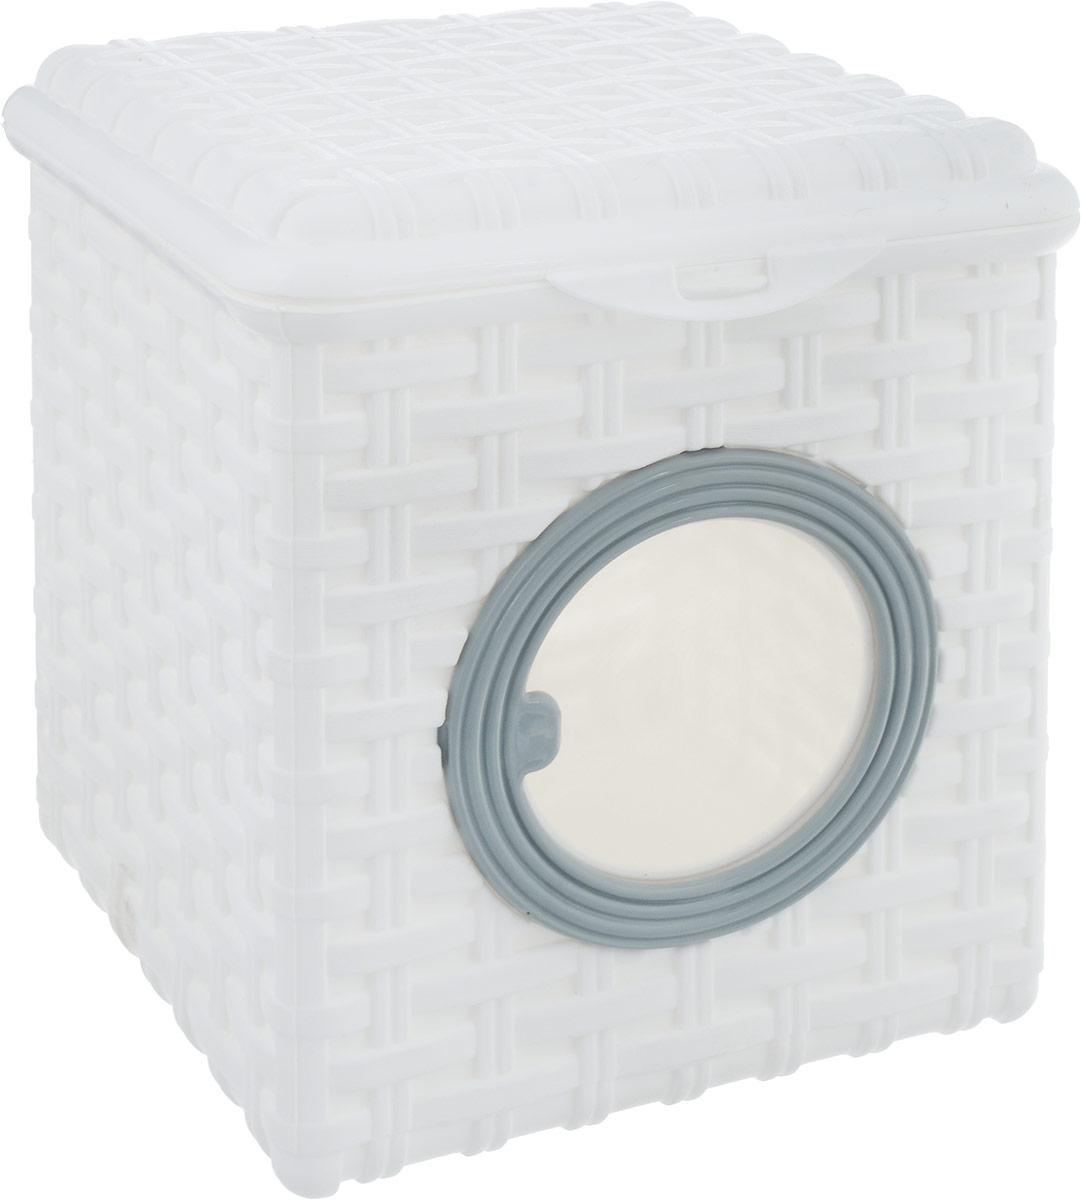 Контейнер для мелочей Violet Ротанг, цвет: белый, 17 х 19 х 19 см810517_белыйКонтейнер Violet изготовлен из прочного пластика и оформлен плетением под корзинку. Контейнер имеет прозрачное пластиковое окошко и откидную крышку, которая закрывается на защелку.